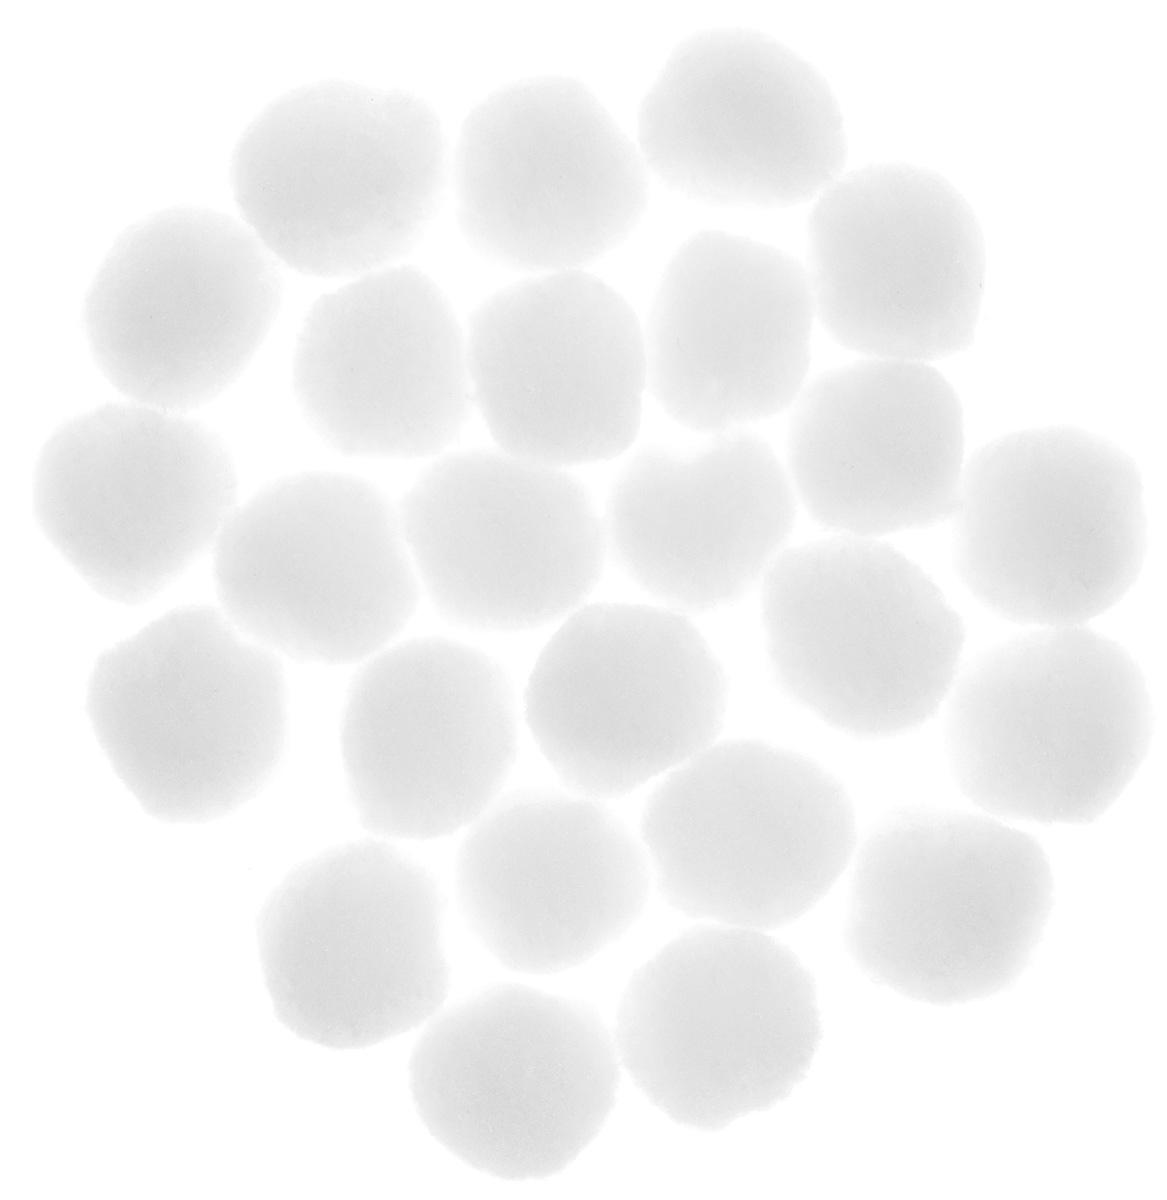 Декоративное украшение Lunten Ranta Снежки, диаметр 3 см, 25 штNLED-405-0.5W-MДекоративные украшения Lunten Ranta Снежки отлично подойдут для декорации вашего дома в преддверии Нового года. В наборе - 25 украшений, выполненных из полиэстера в виде маленьких комочков снега. Создайте в своем доме атмосферу веселья и радости, оформляя всей семьей комнату украшениями, которые будут из года в год накапливать теплоту воспоминаний.